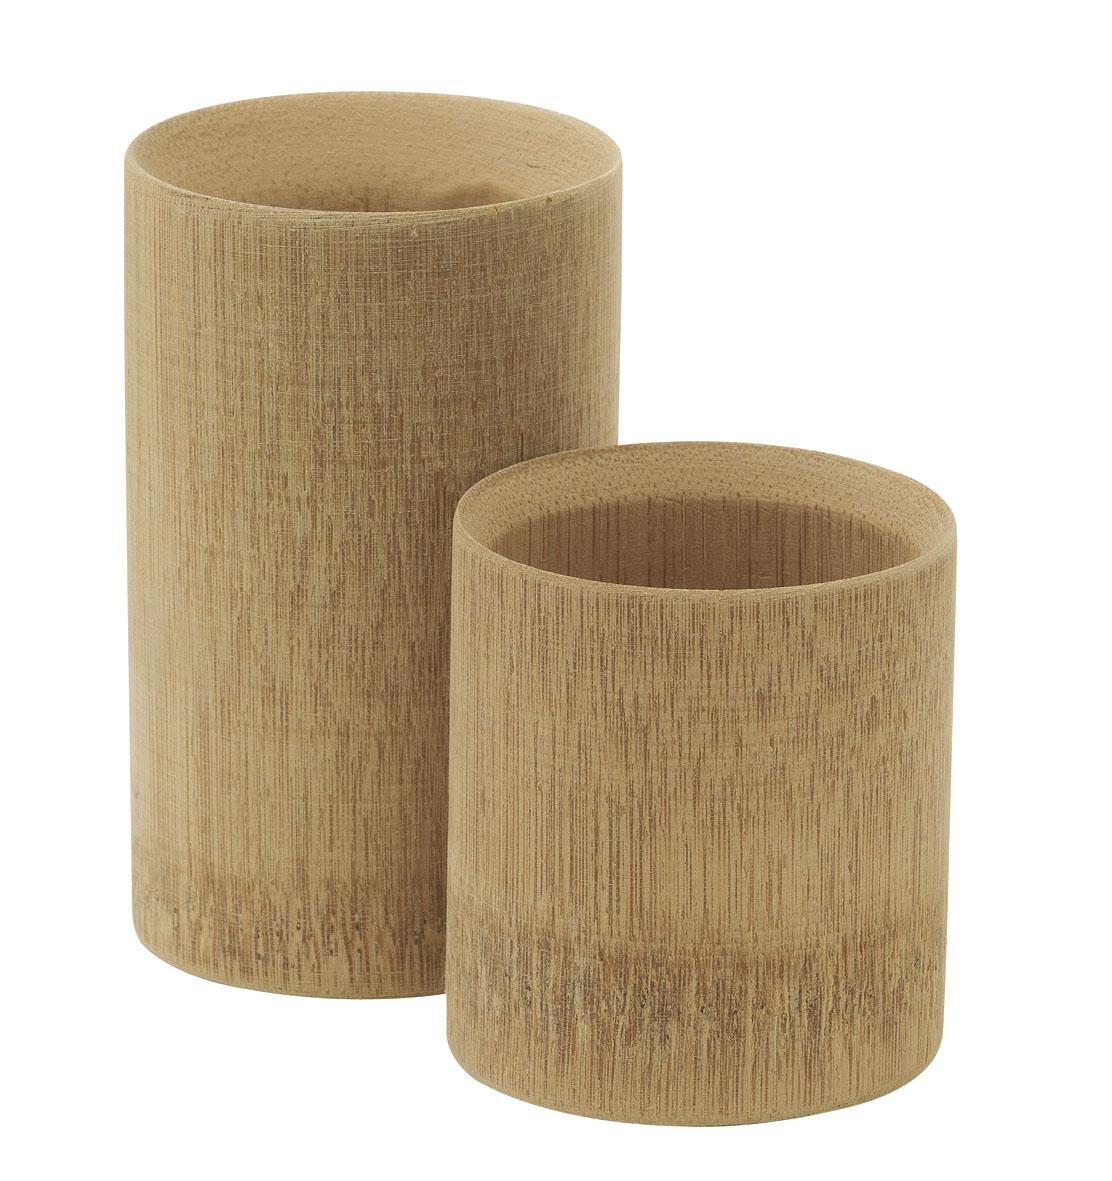 verrine biodégradable et compostable en bois de bambou